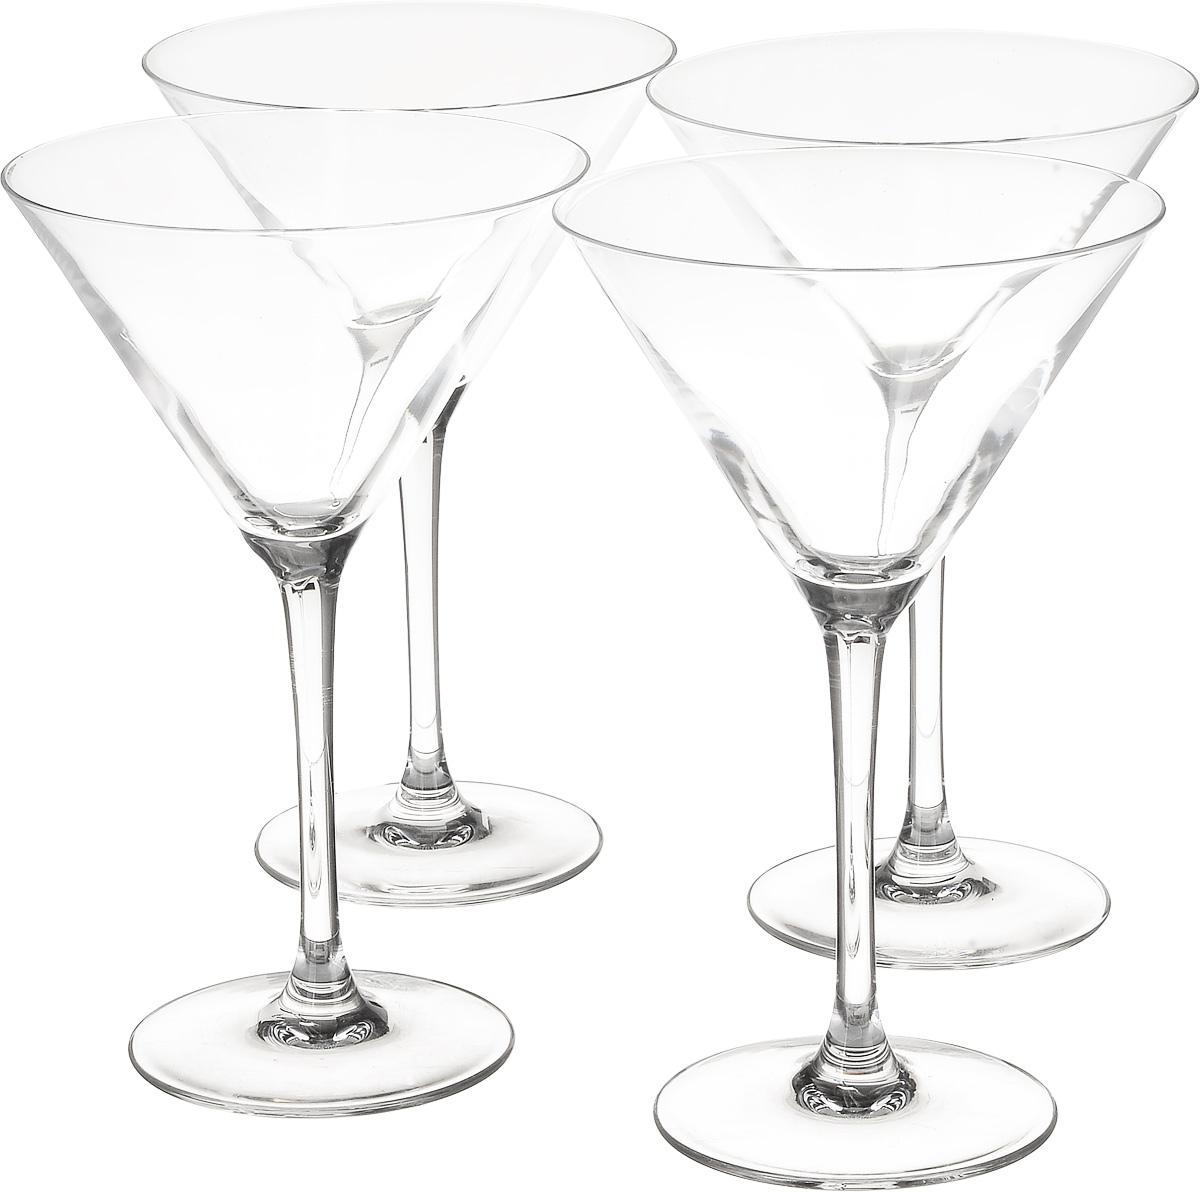 Набор бокалов для коктейля Luminarc World Cocktail, 300 мл, 4 штE9328Набор Luminarc World Cocktail, выполненный из высококачественного стекла, состоит из 4 бокалов на тонкой ножке. Бокалы предназначены для подачи коктейлей. Допускается мытье в посудомоечной машине. Стекло выдерживает резкий перепад температур до 135°С. Диаметр бокала (по верхнему краю): 12 см. Высота бокала: 19 см.